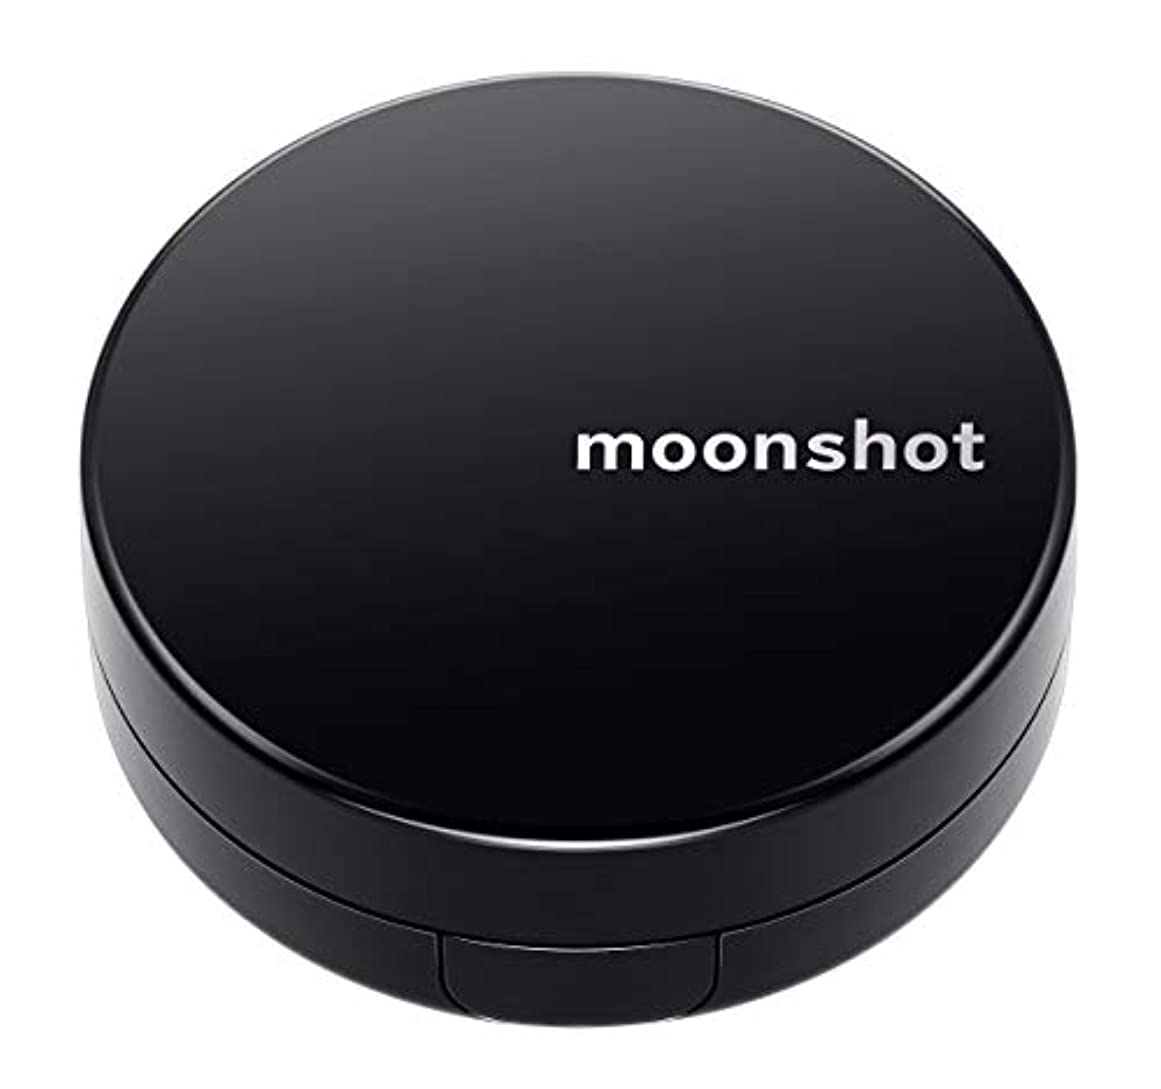 フクロウ説得グリップ【moonshot × blackpink】自然なスキントーンと均一なカバー力 しわ改善 美白 紫外線遮断 ムーンショット マイクロフィットクッション201/正規品